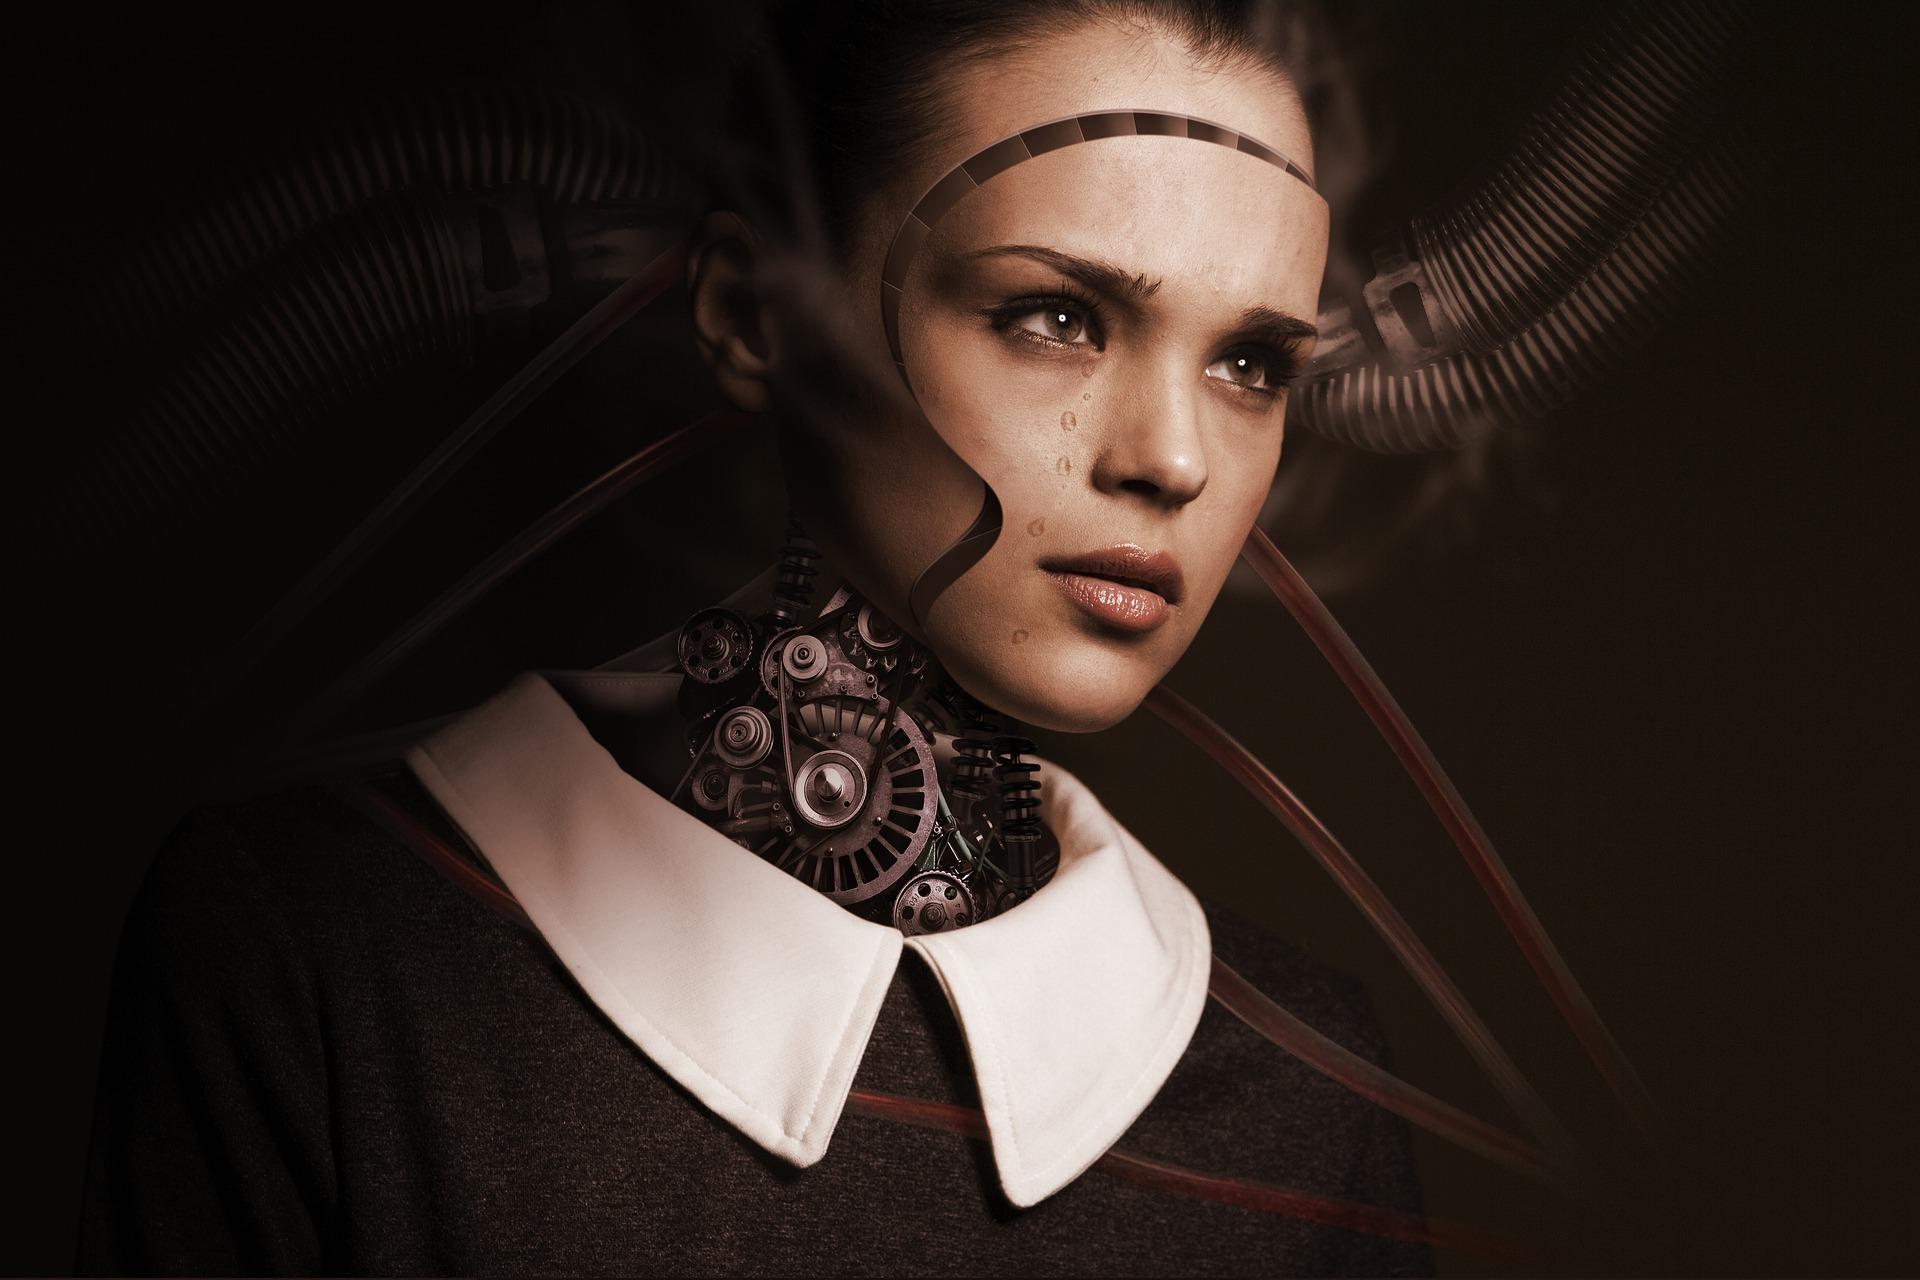 Kann künstliche Intelligenz gefährlich werden? auf ratgeber-blogger.de